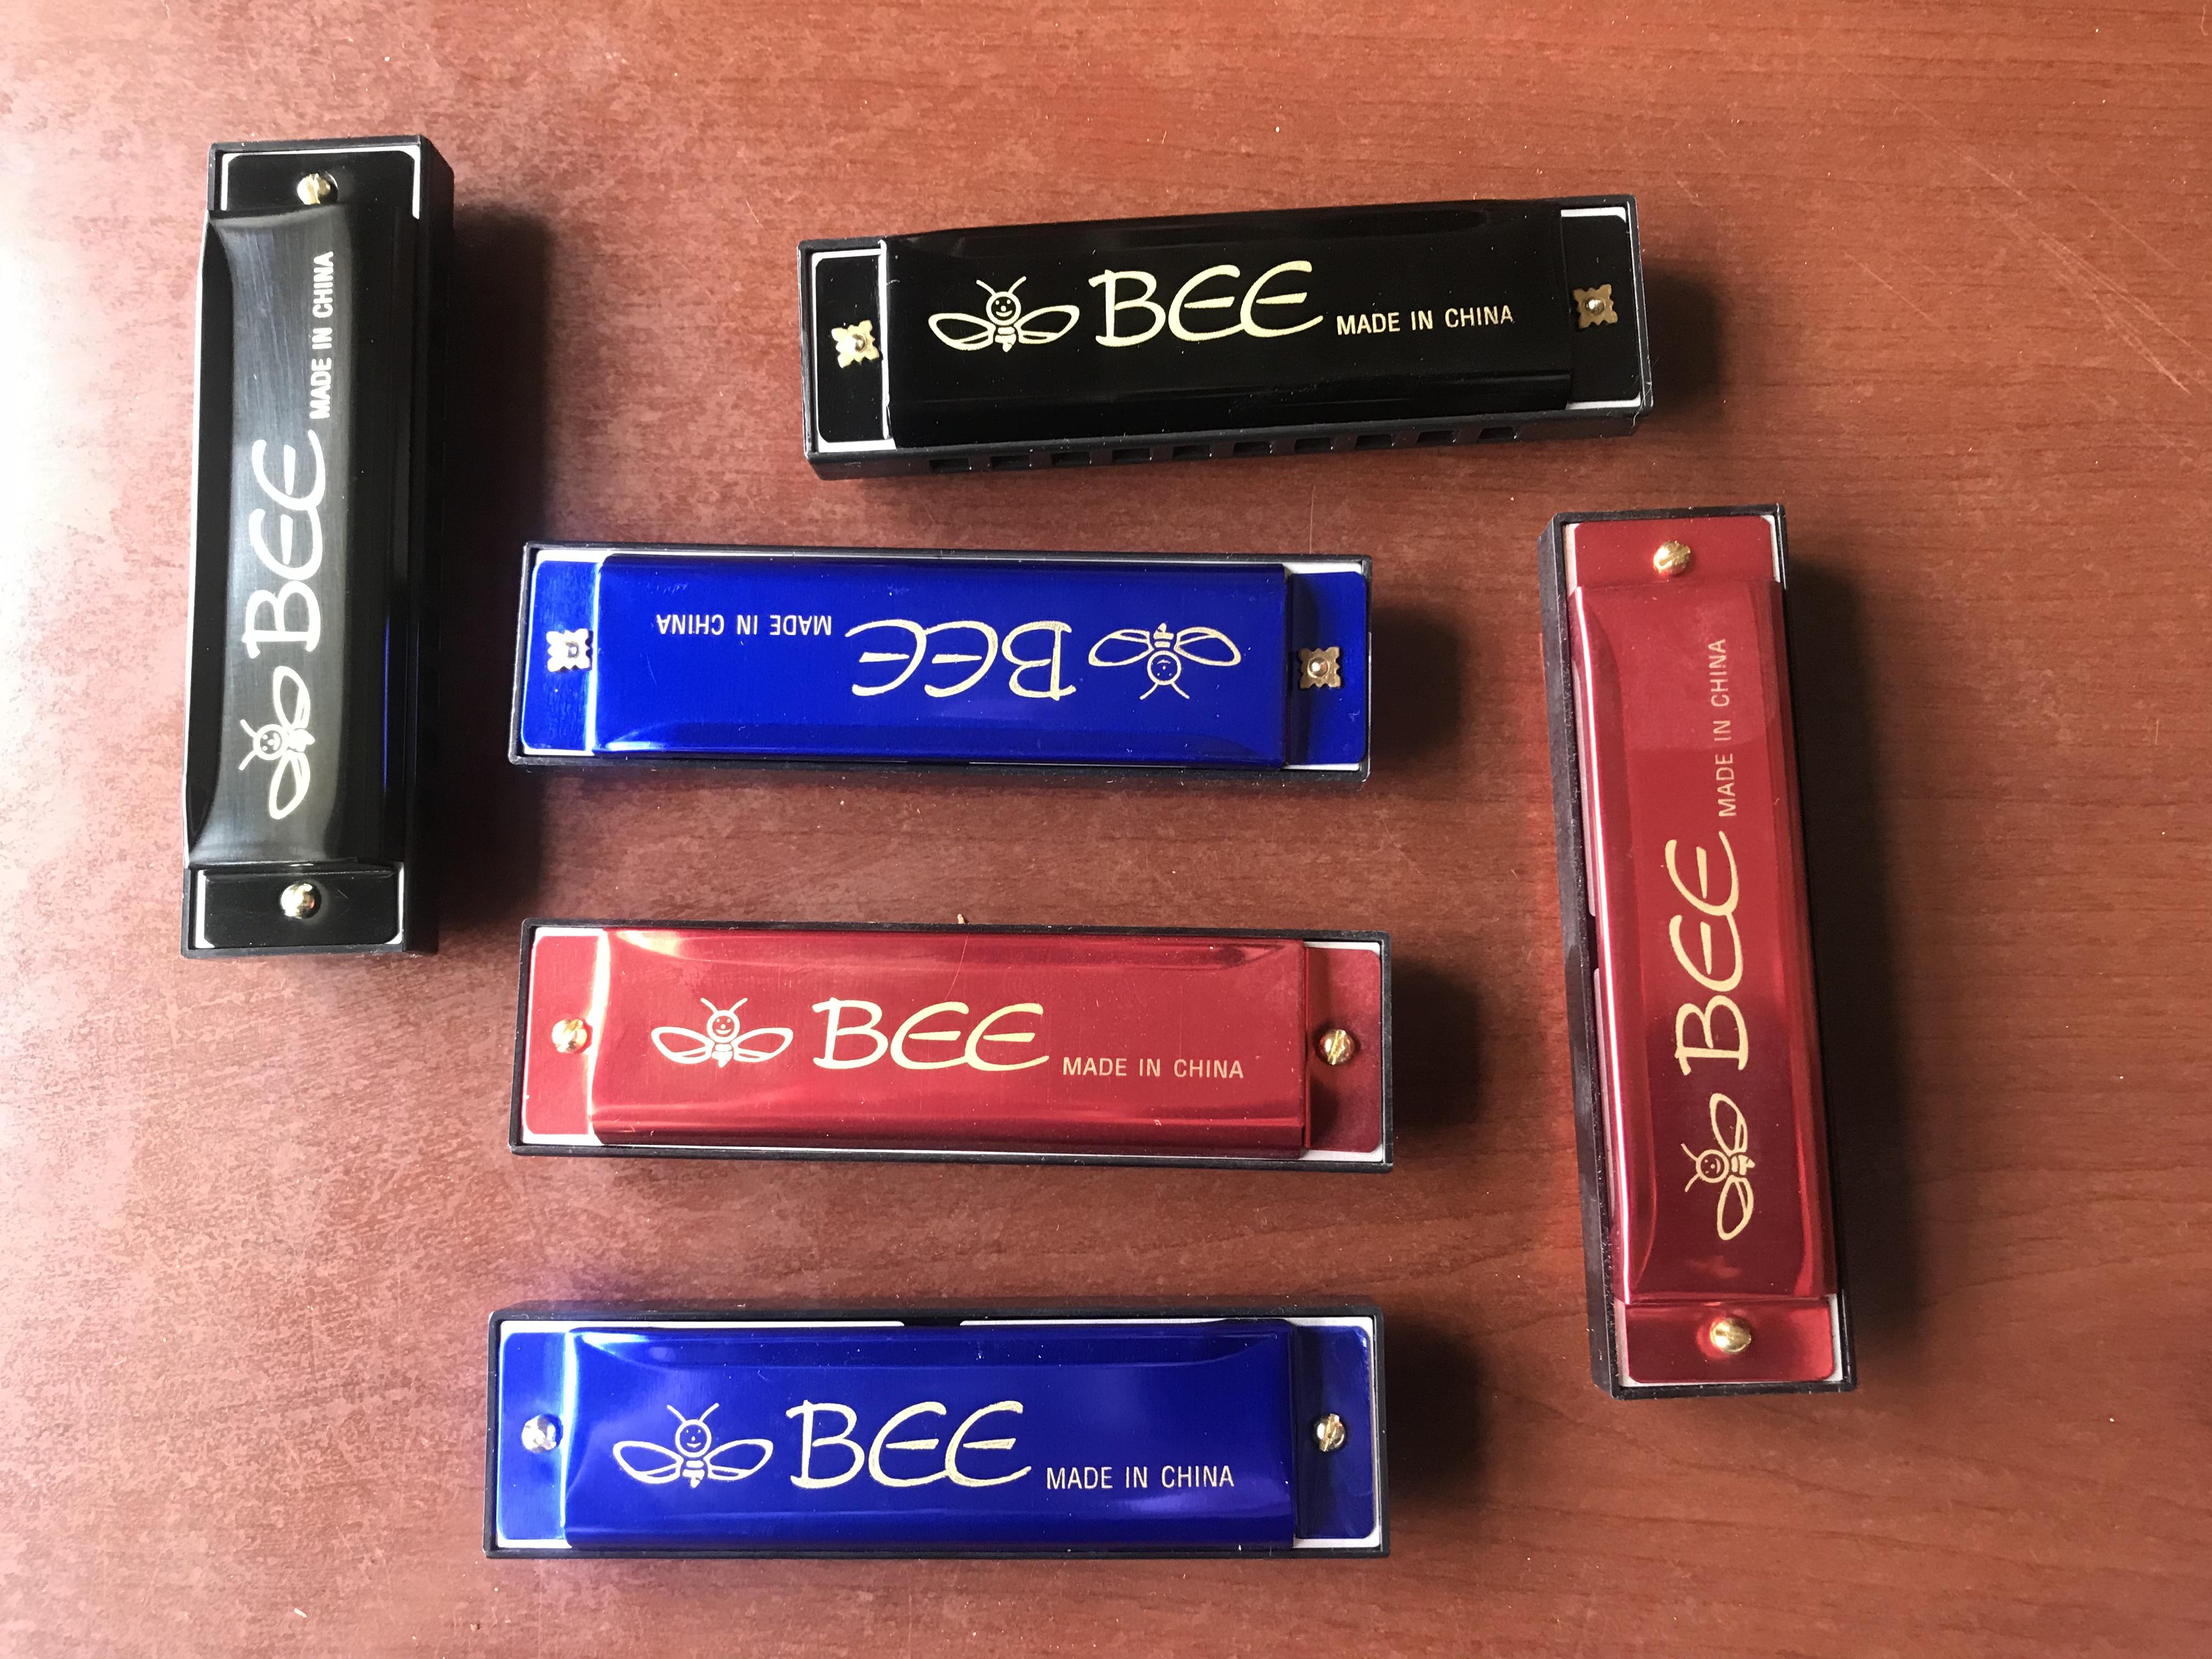 BA27121C-1943-4C9B-A1AB-CC1B5AFD90EF